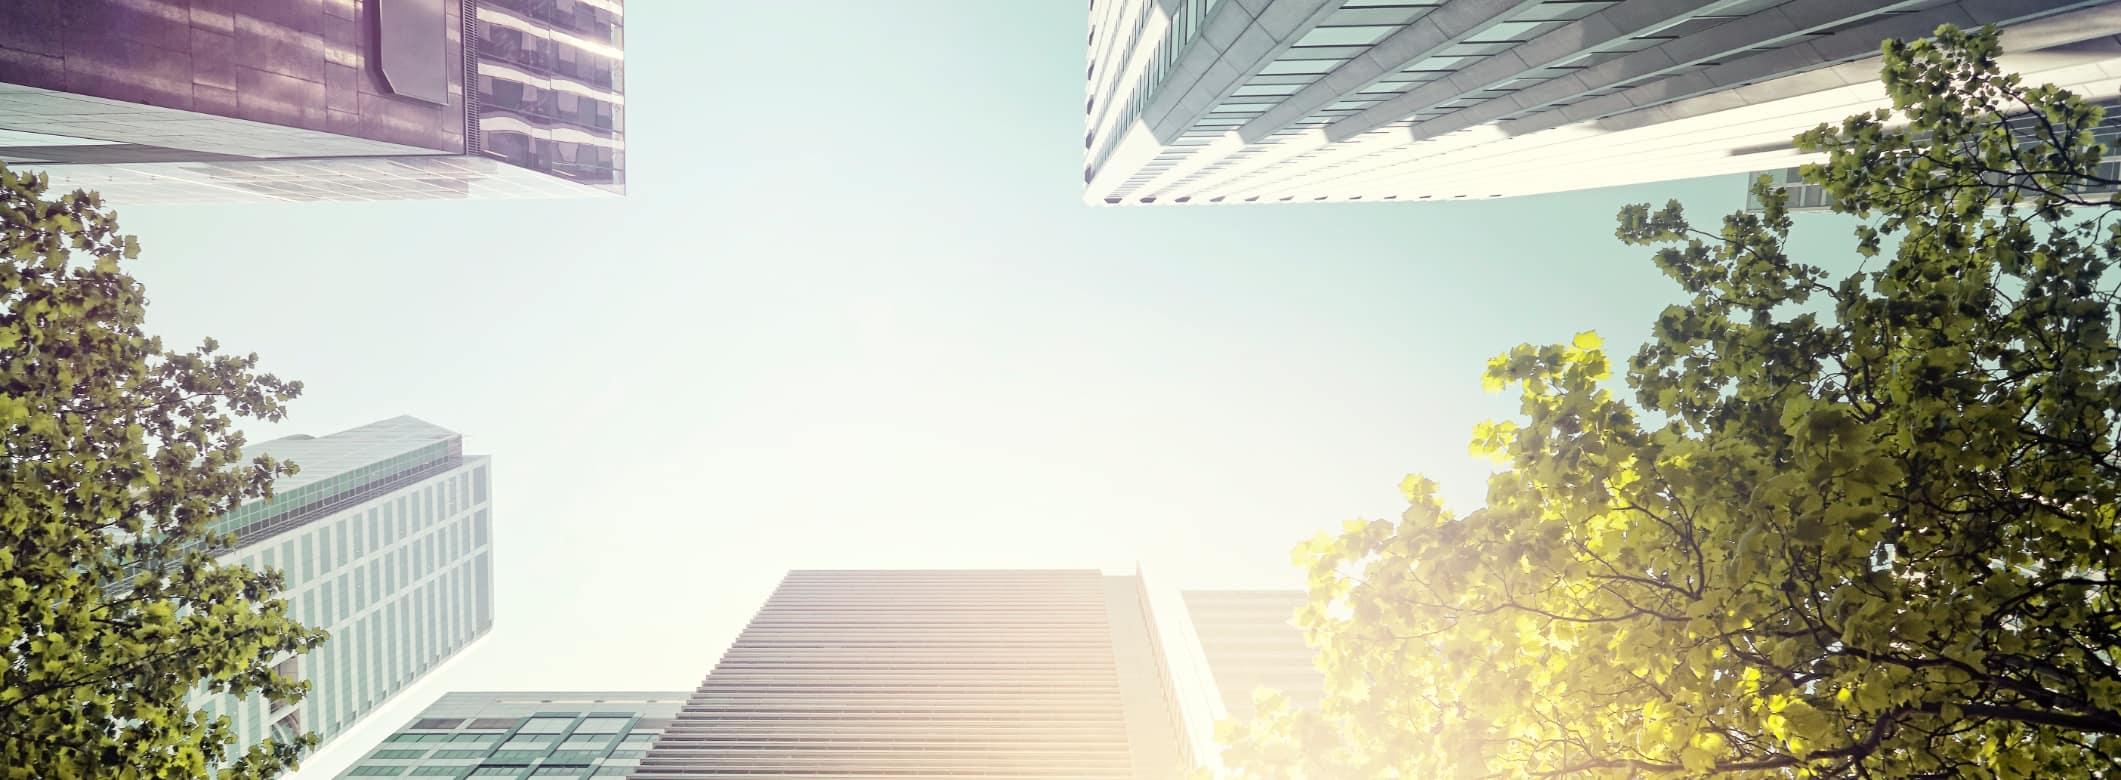 Insight ESG Image 19